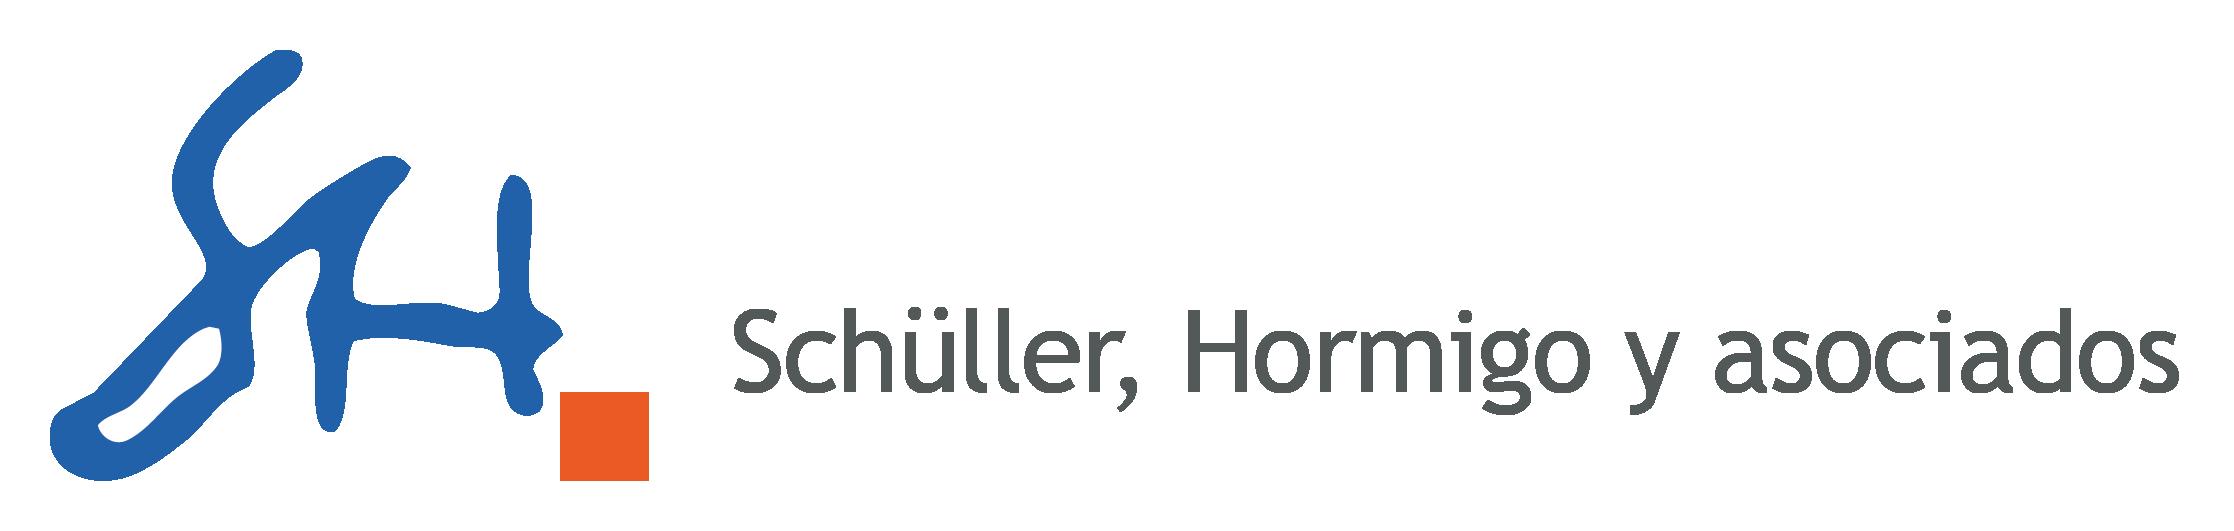 Schüller, Hormigo & asociados